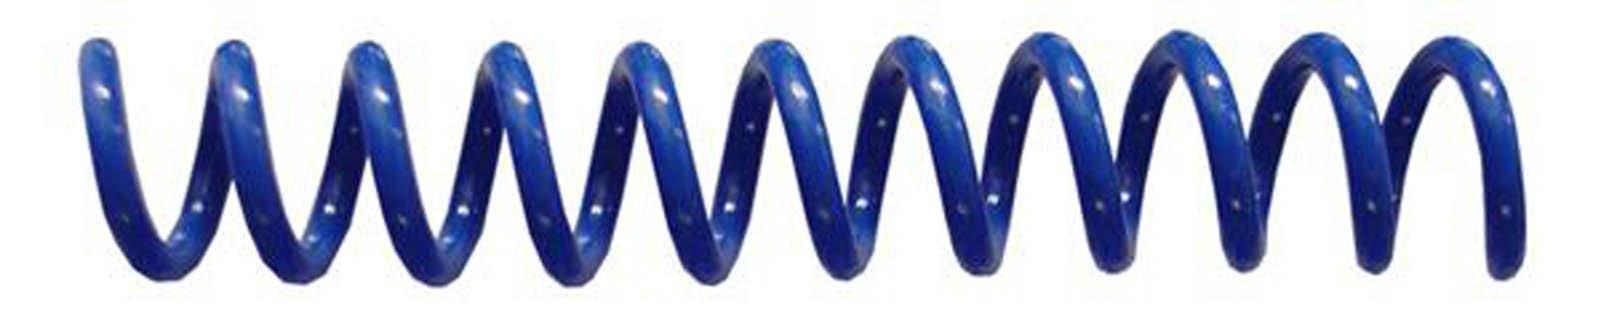 Spiral Binding Coils 6mm (¼ x 12) 4:1 [pk of